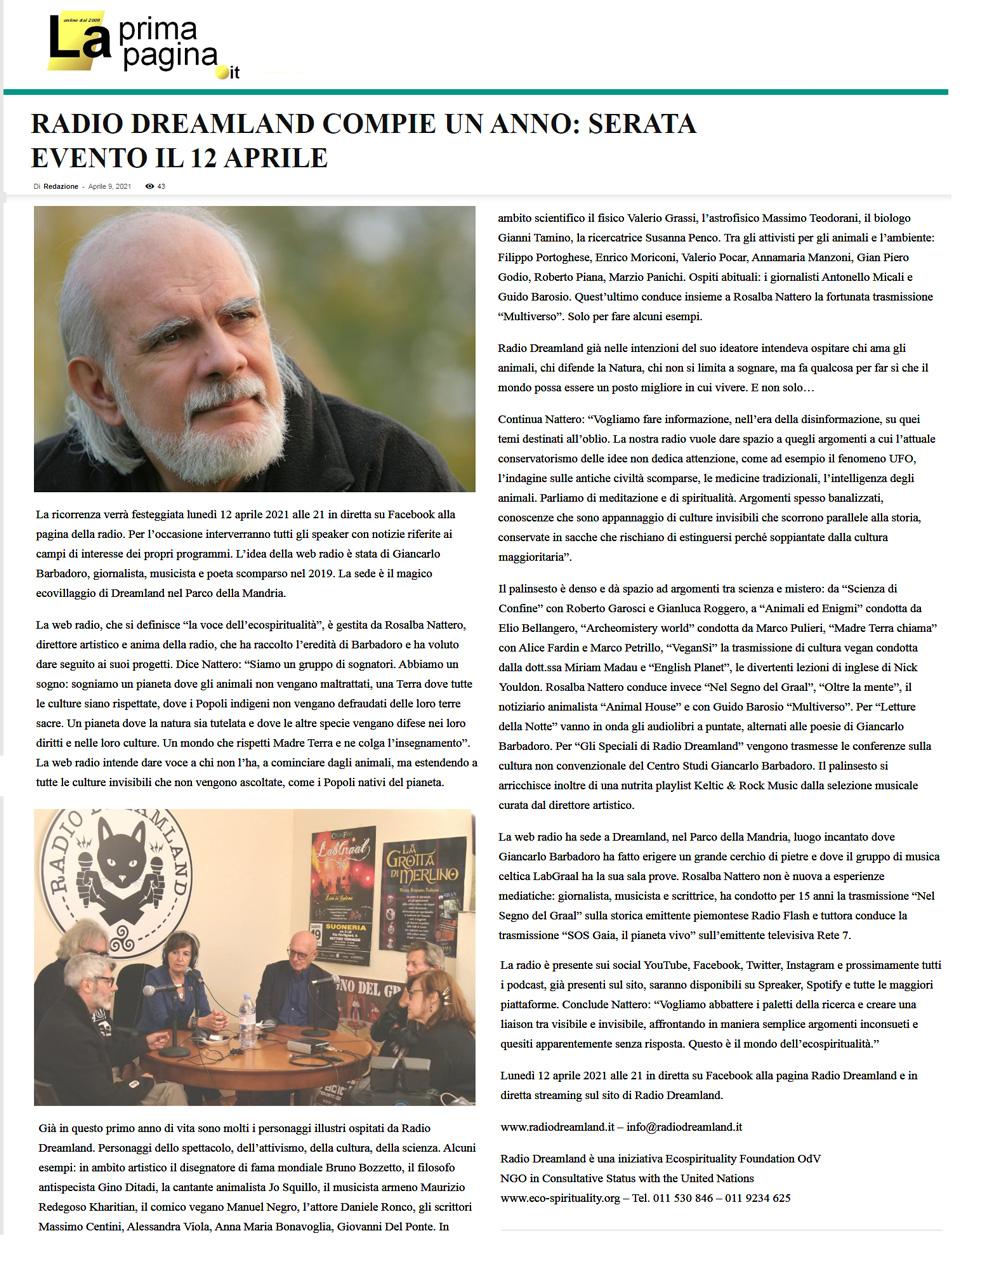 la-prima-pagina-it-09-04-2021-radio-dreamland-compie-un-anno.jpg